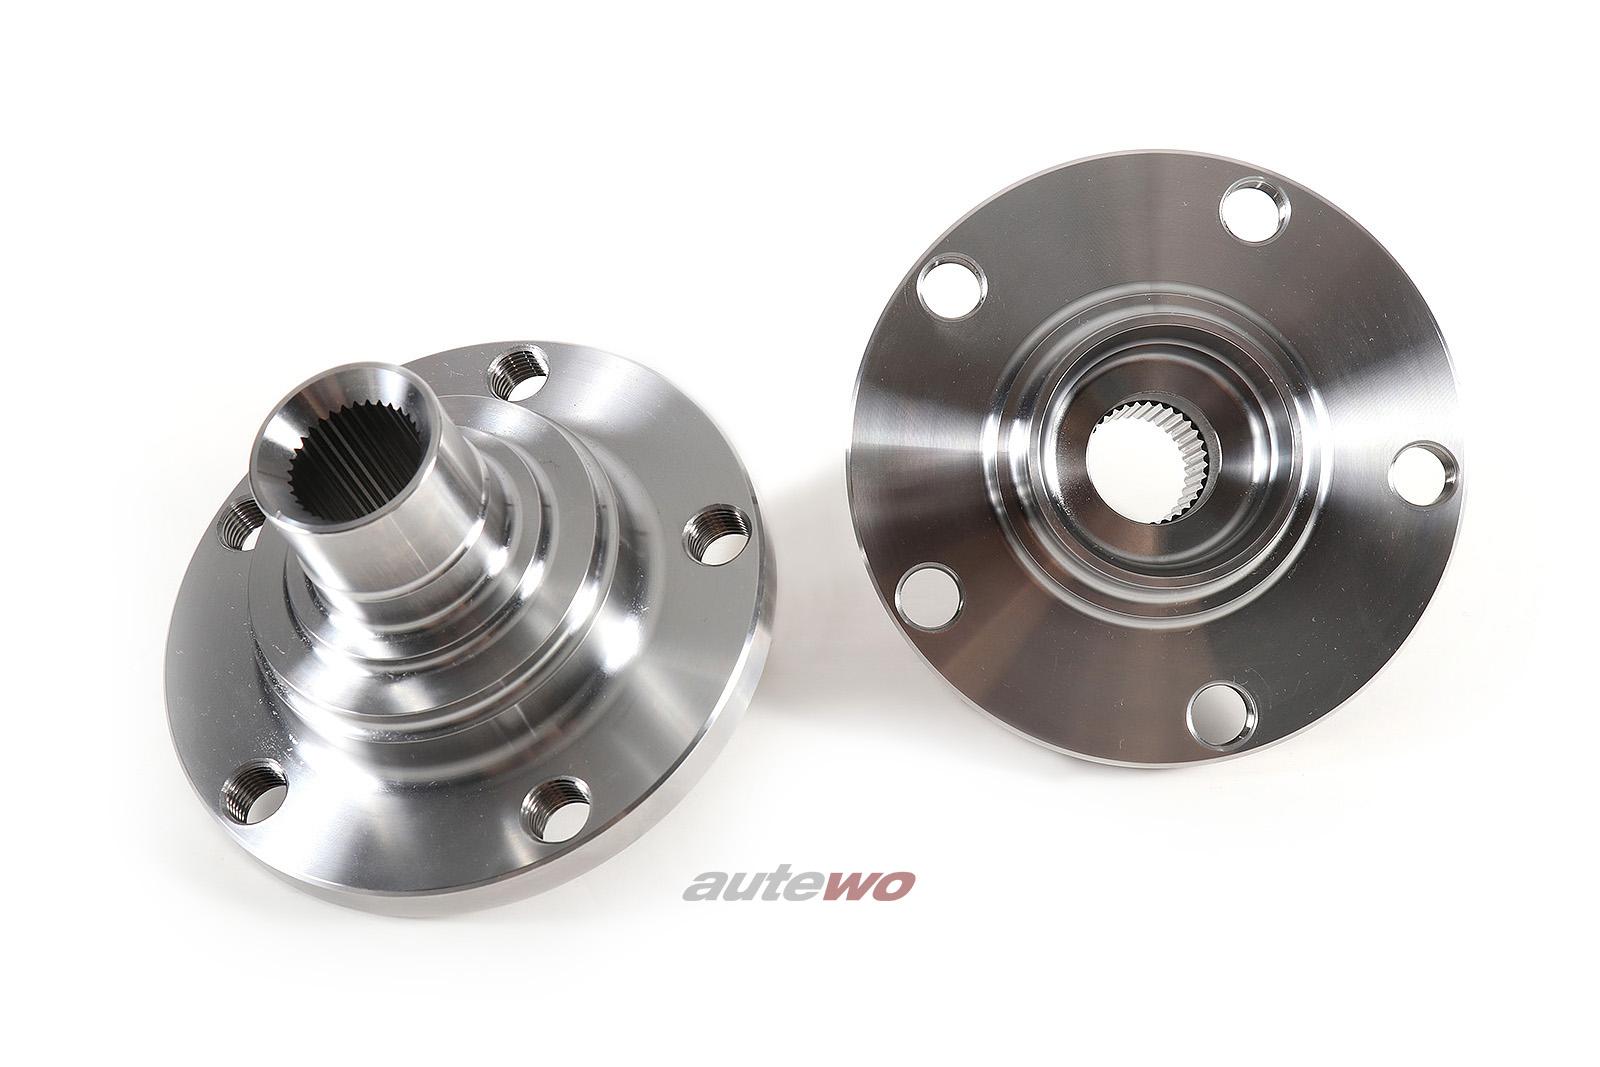 Radnaben 5x112 vorne für Audi 80 B4/Coupe/Cabrio 89 4/5 Zylinder 75mm Radlager